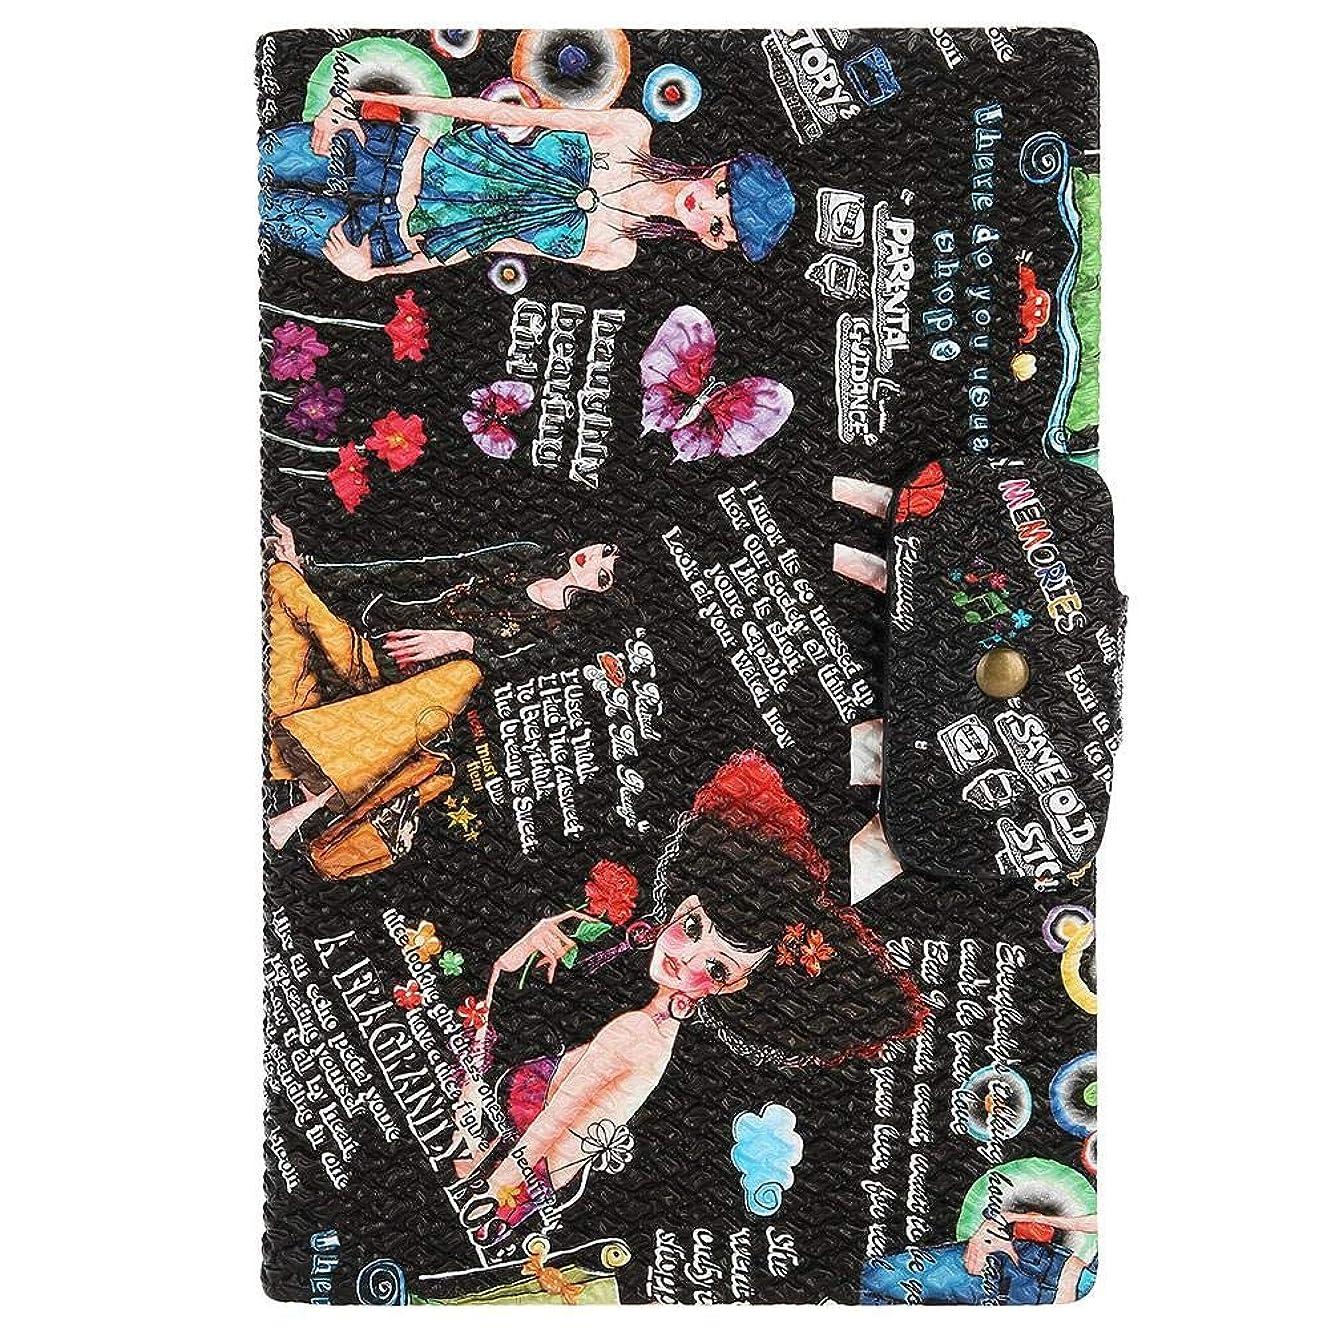 ガス十分なカセットネイルアートディスプレイ カード マニキュア ディスプレイボード UVジェルディスプレイカードマニキュア練習ツール(02)